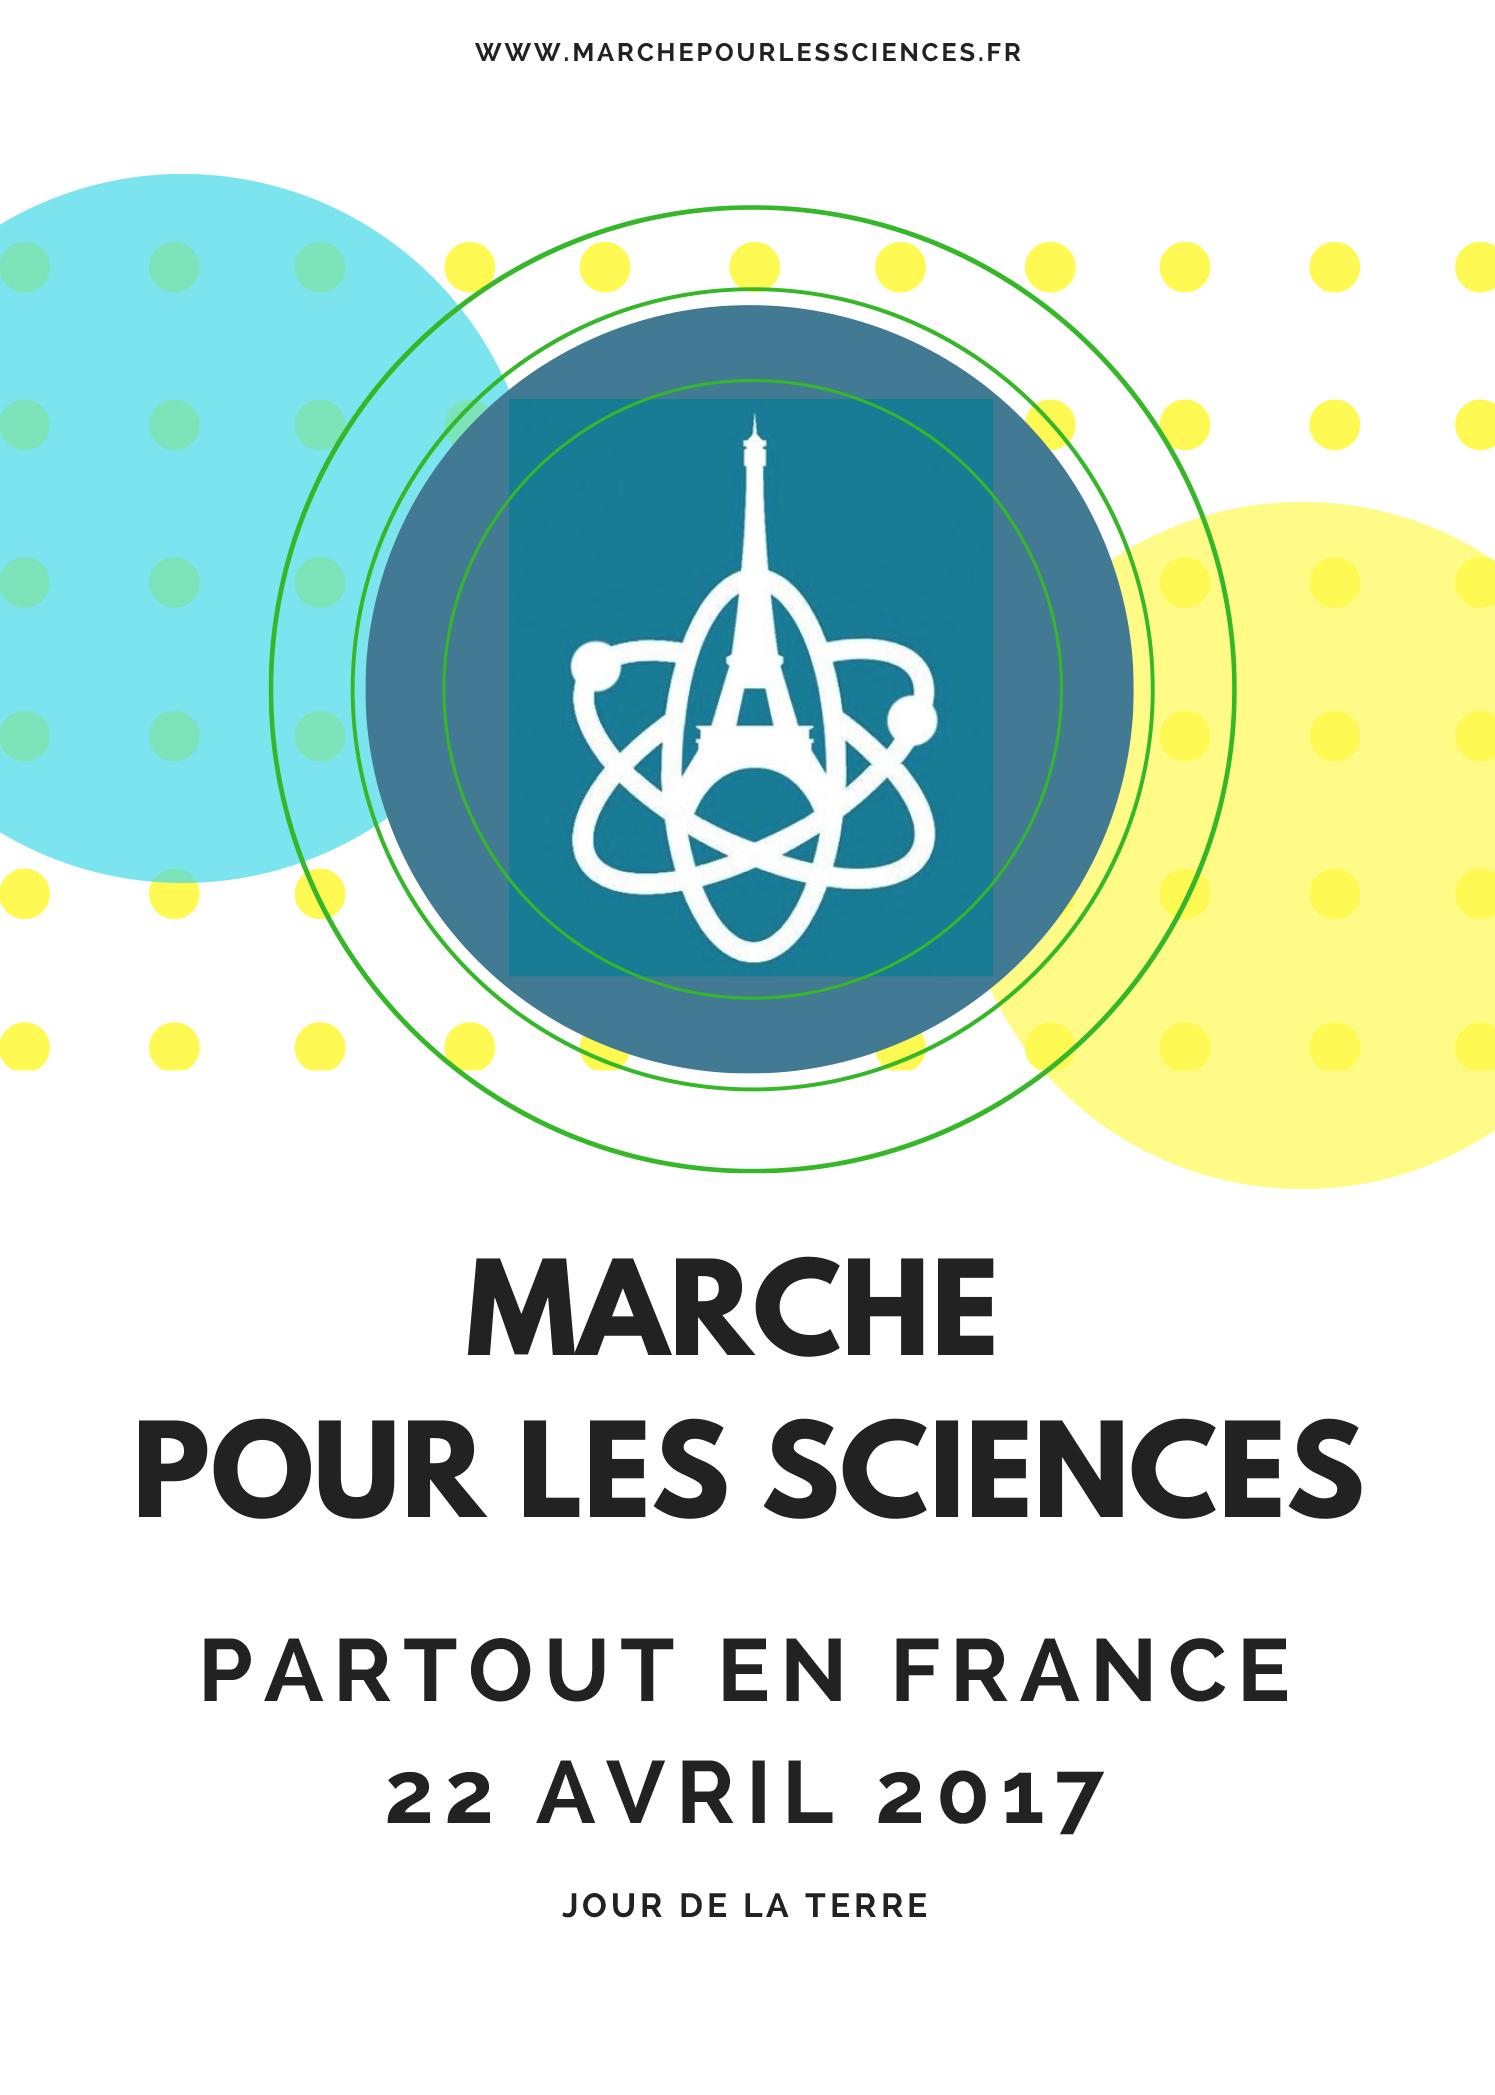 Jour de la Terre - Marche des Sciences